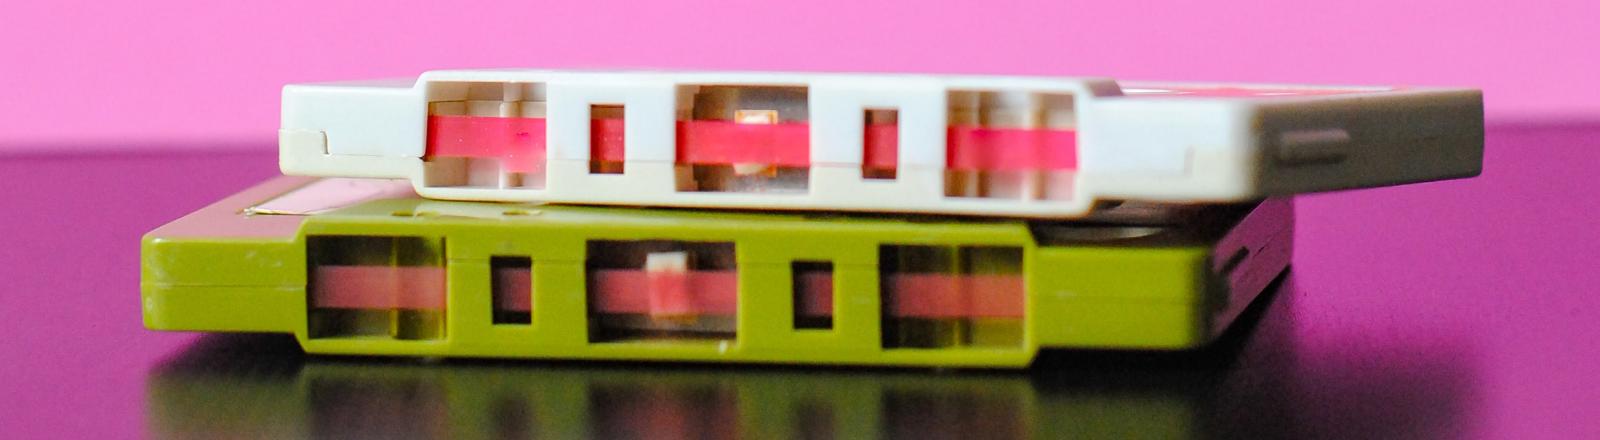 Zwei Musik-Kassetten auf einem pinken Tisch